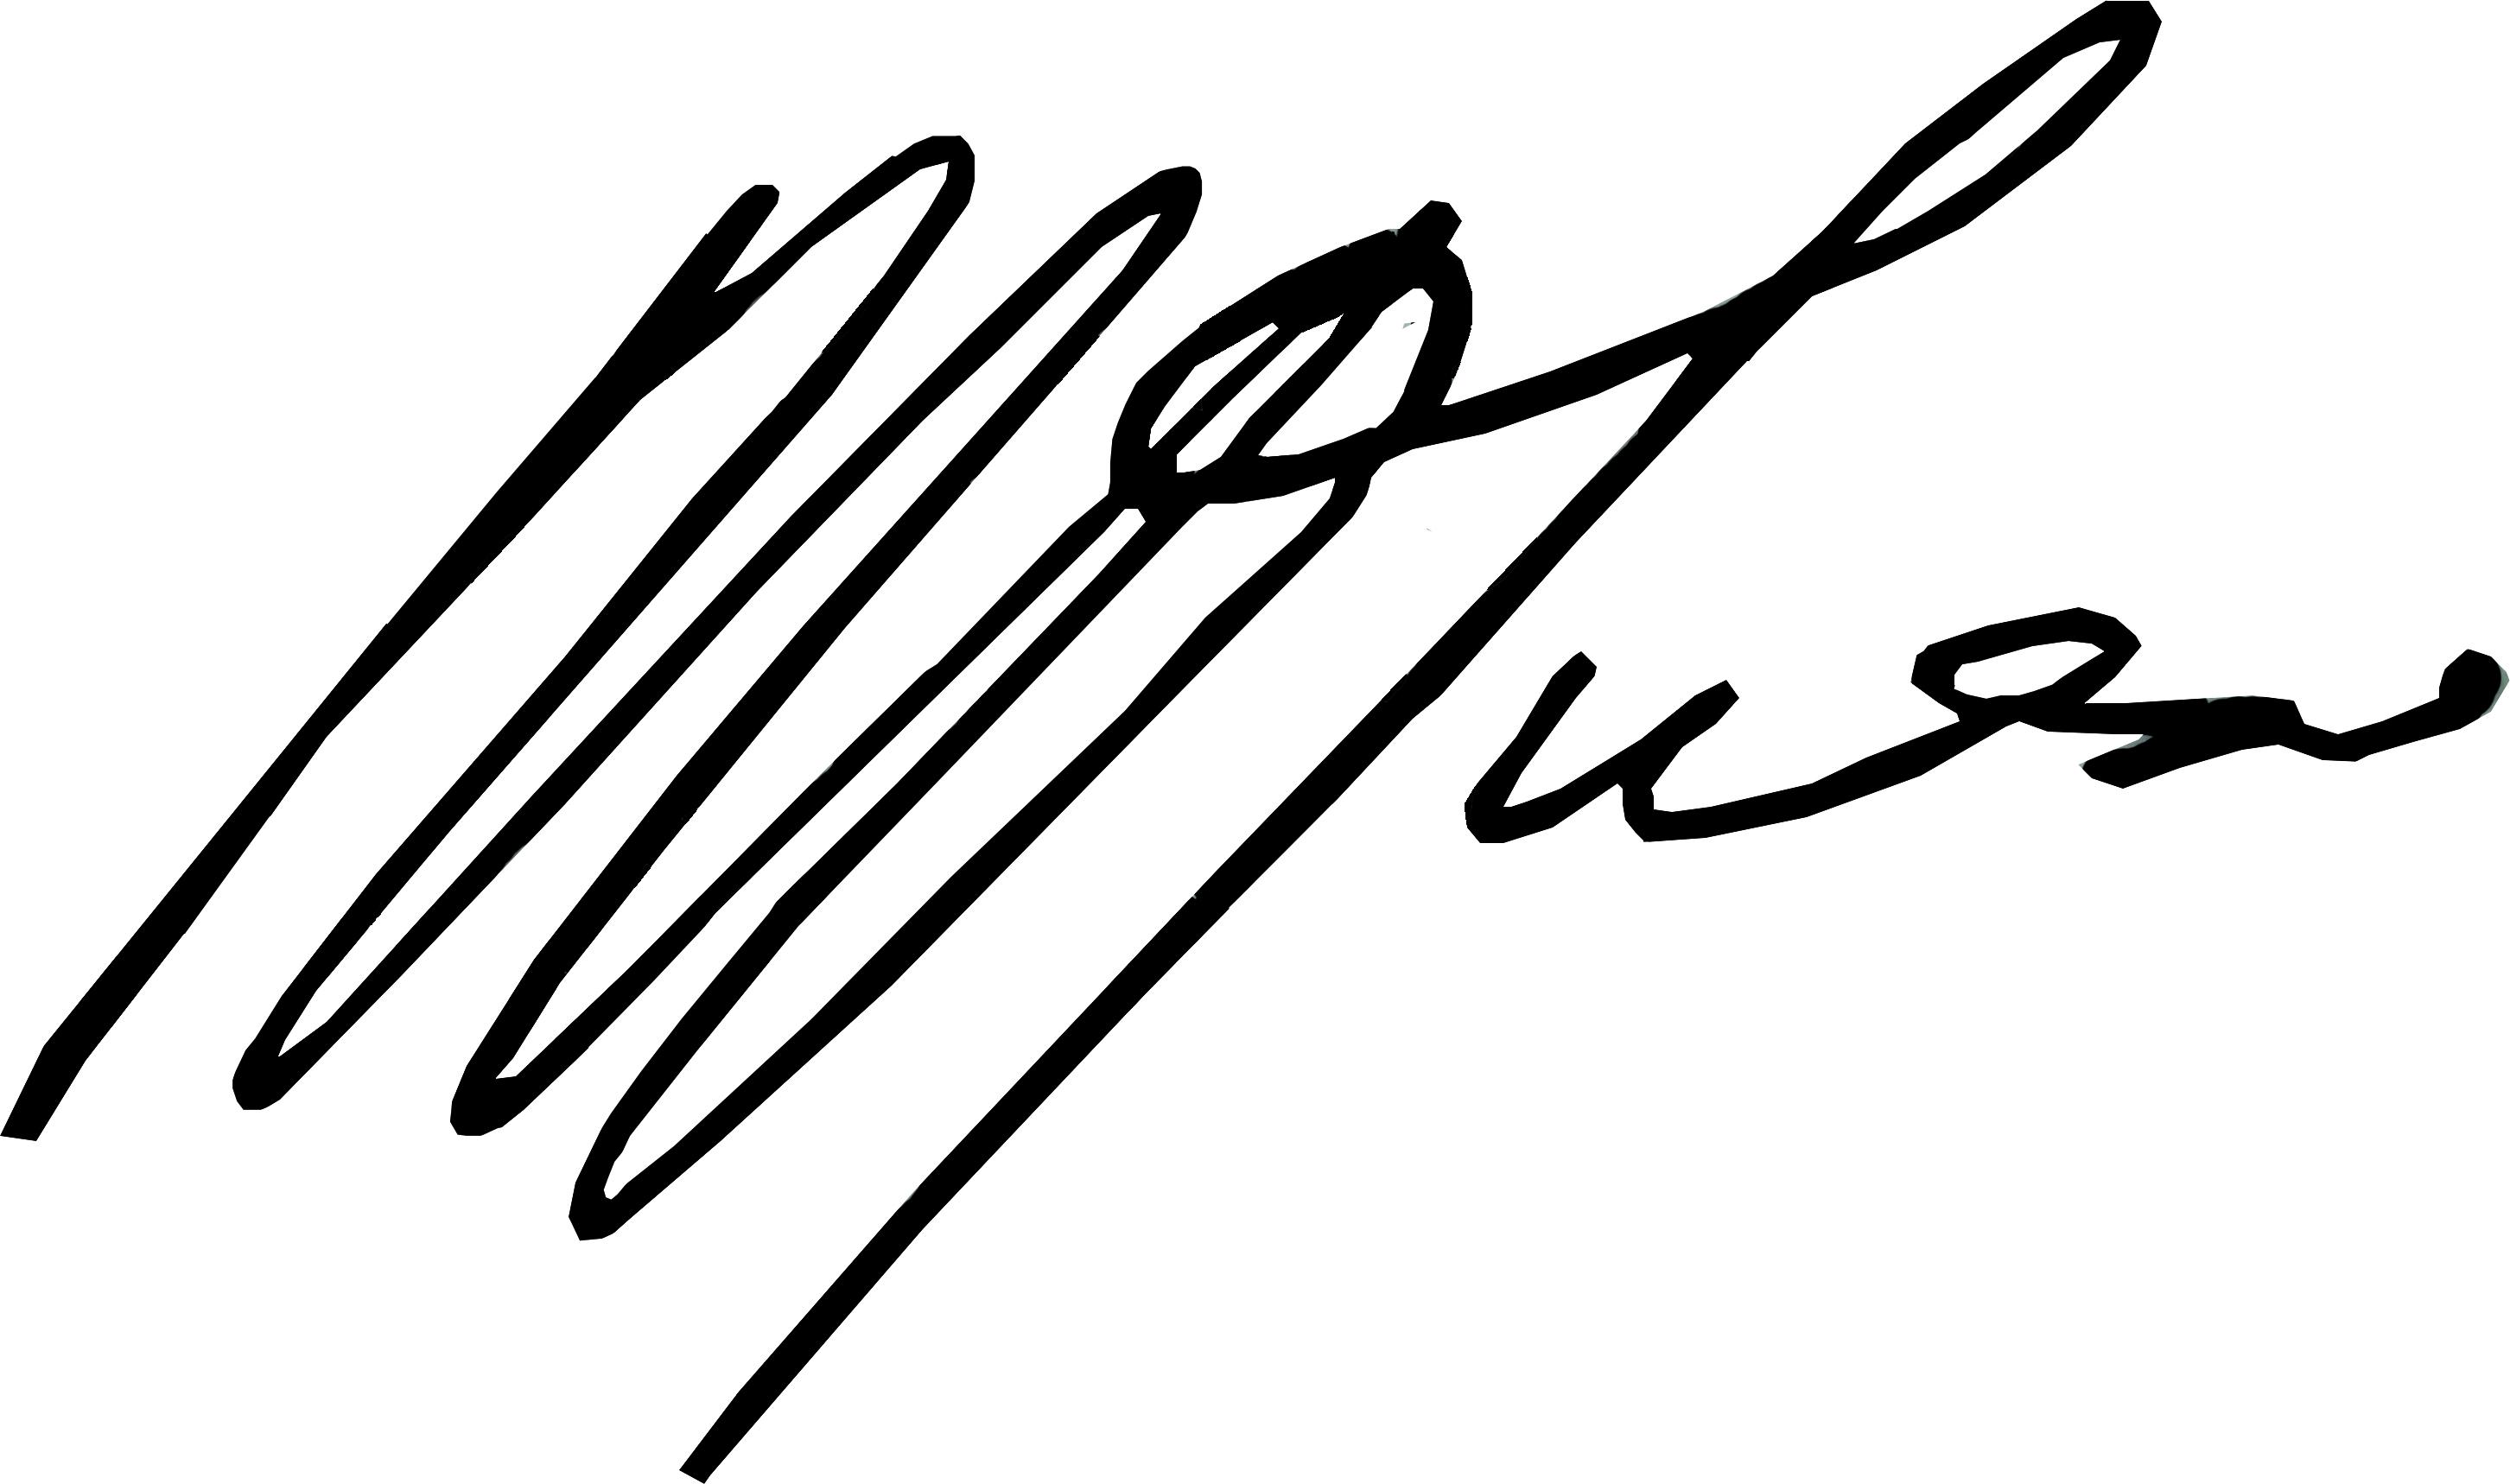 O. Yemi Tubi Signature